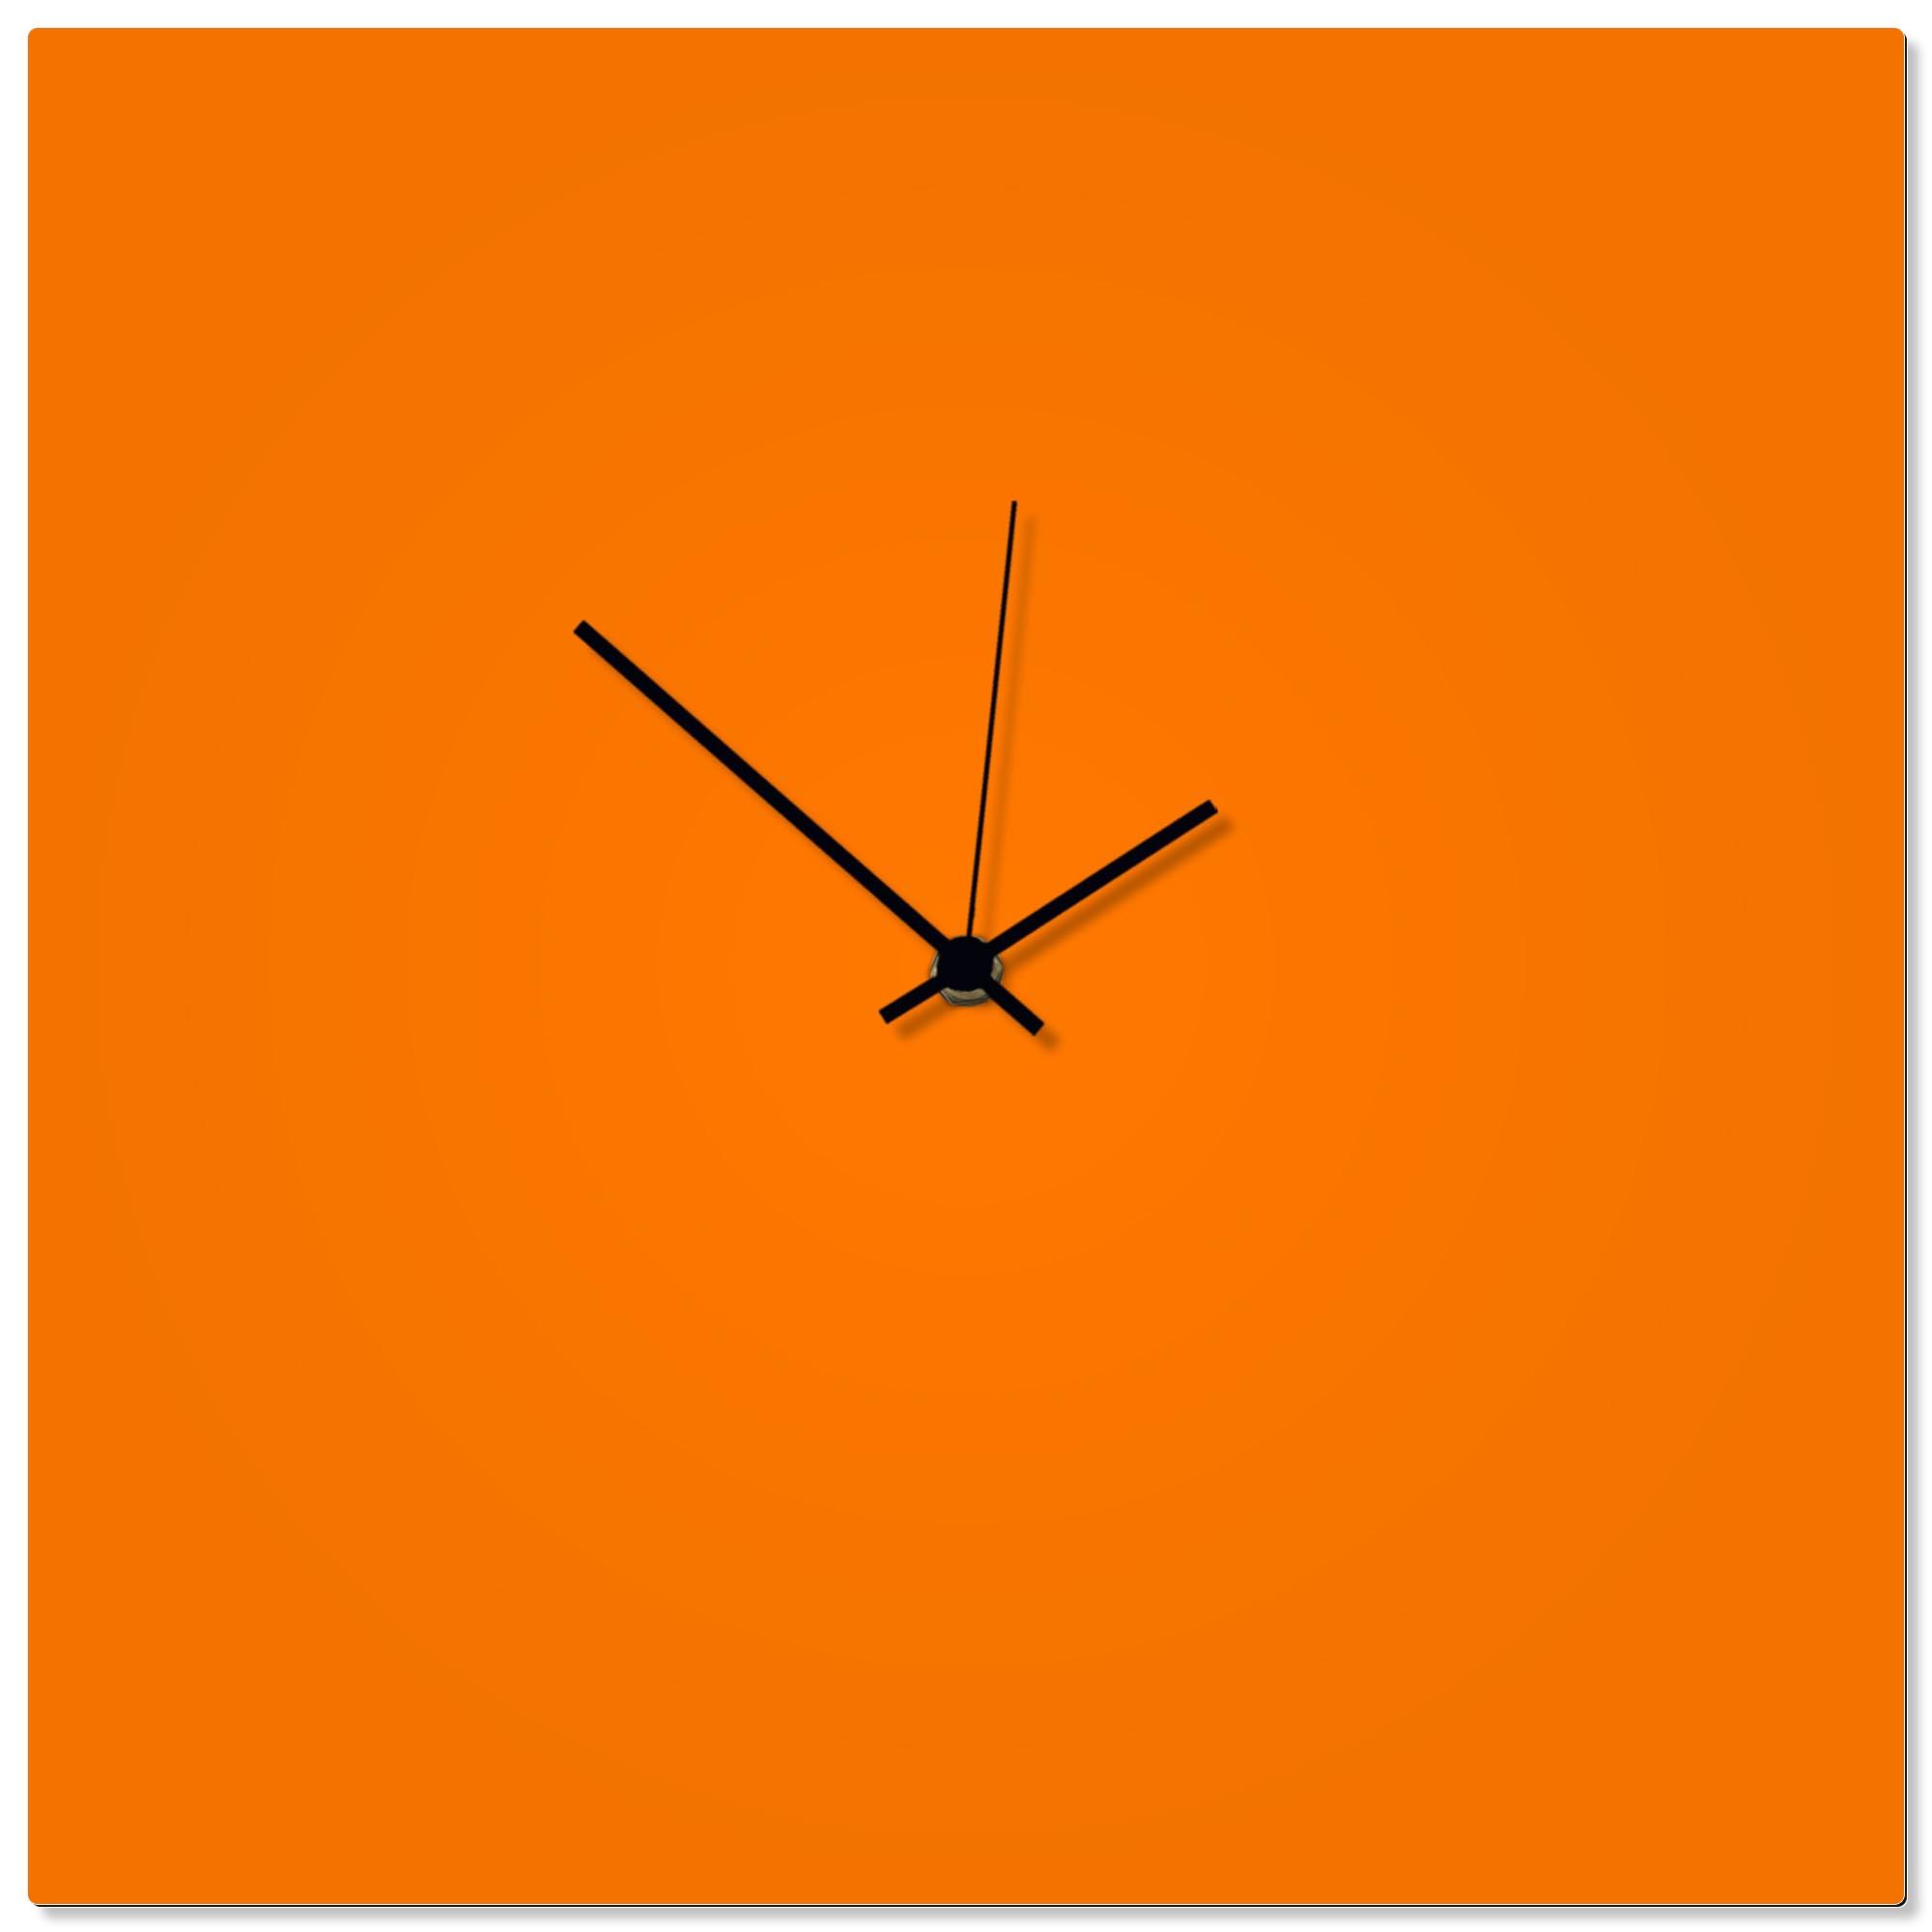 Orangeout Black Square Clock 16x16in. Aluminum Polymetal